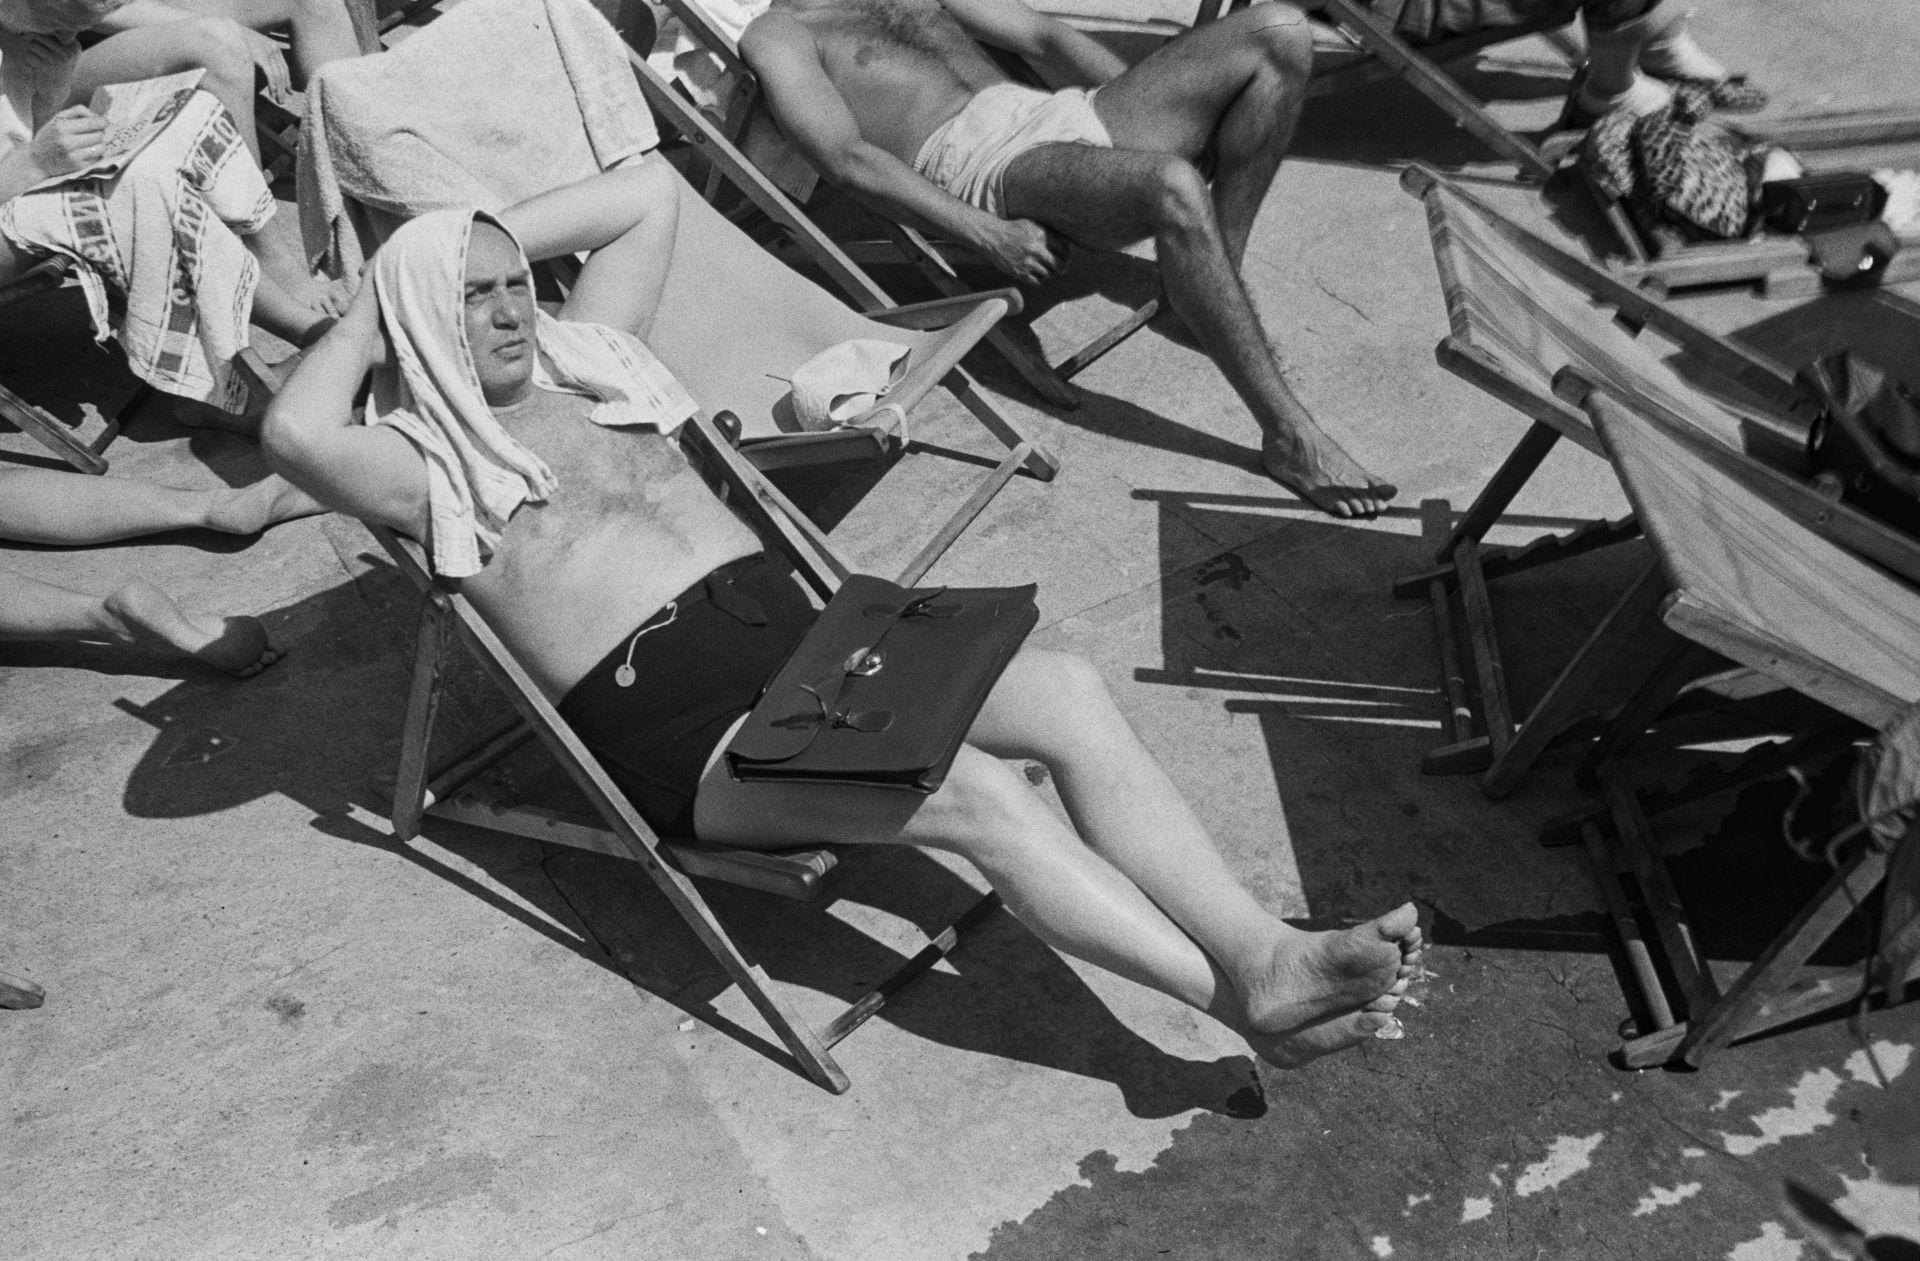 Мъж под слънчевите лъчи, докато се пе покрай басейн, разположен на покрива на лондонска сграда  Снимка: Грейс Робъртсън